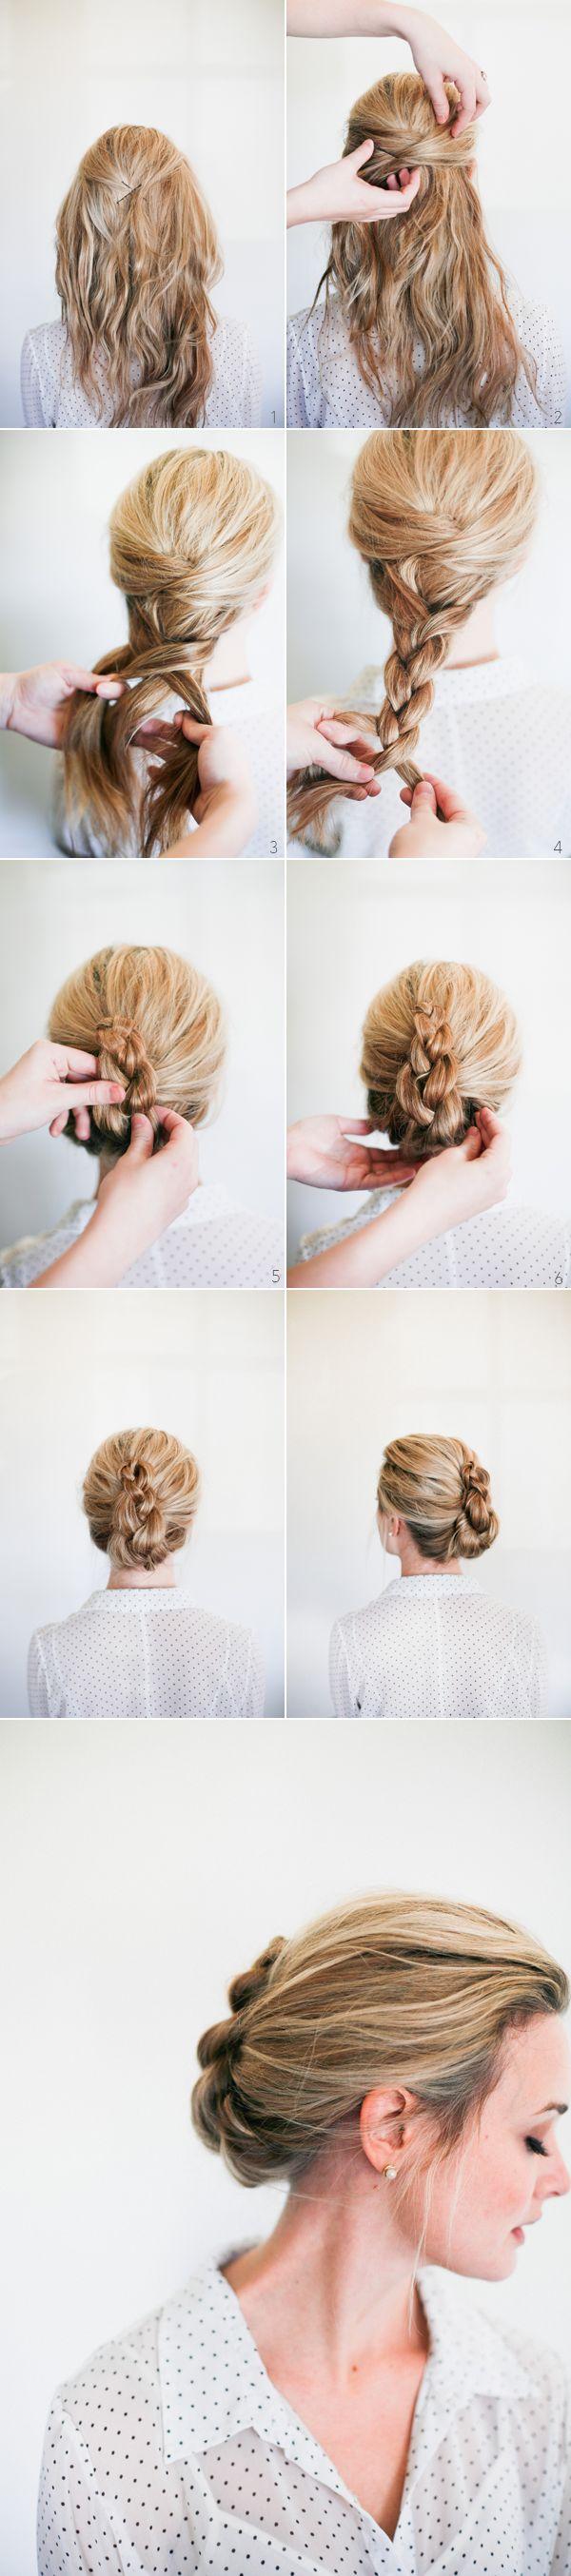 Braided French Twist How To - #braid #diyweddings #hair